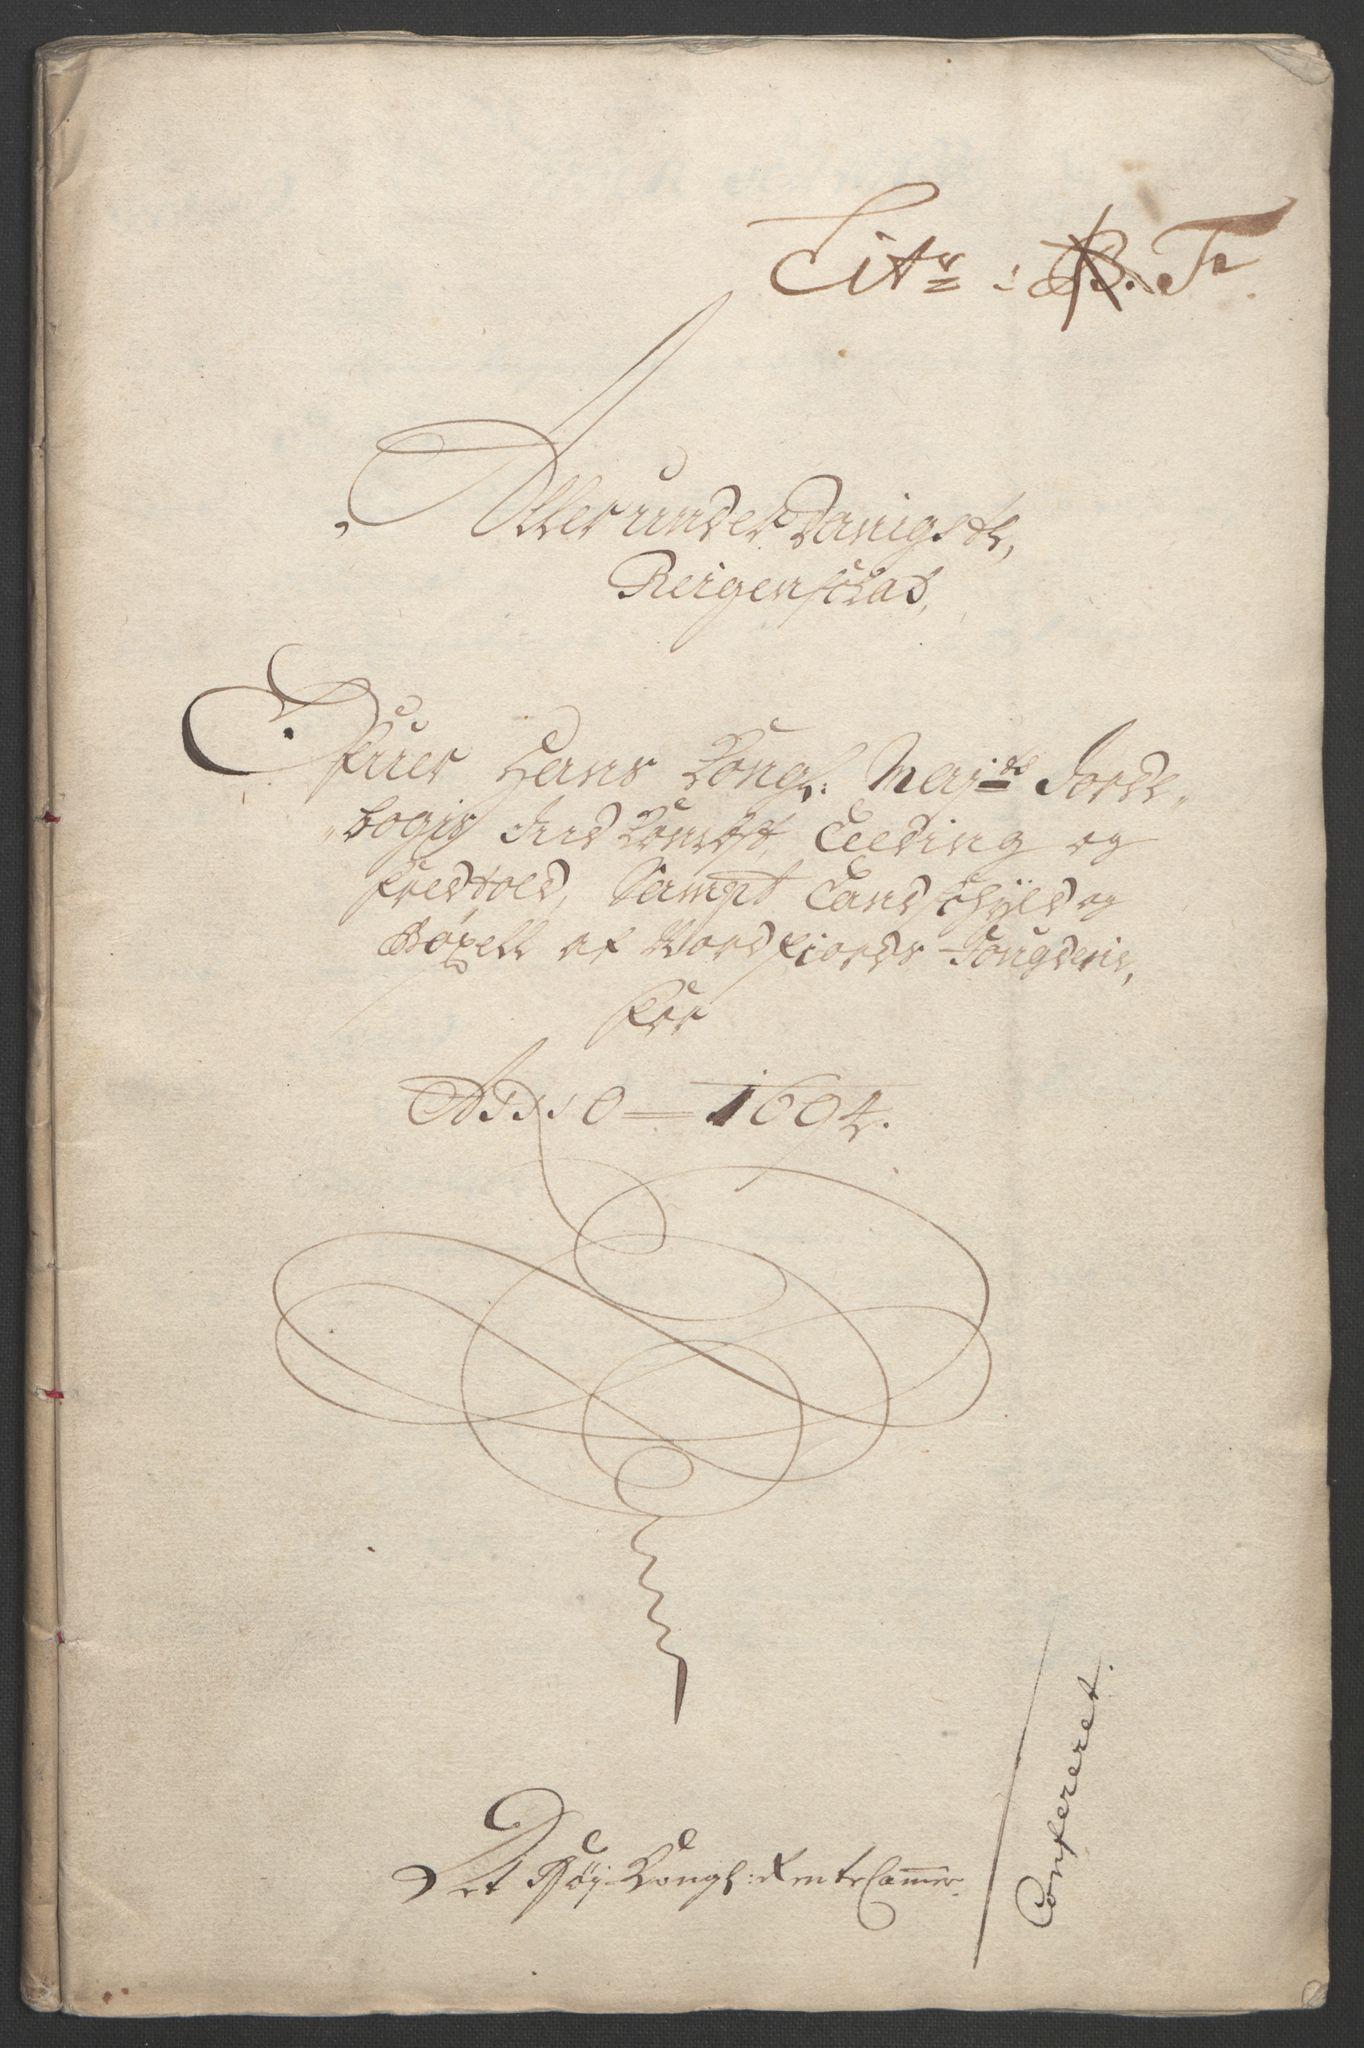 RA, Rentekammeret inntil 1814, Reviderte regnskaper, Fogderegnskap, R53/L3421: Fogderegnskap Sunn- og Nordfjord, 1693-1694, s. 394